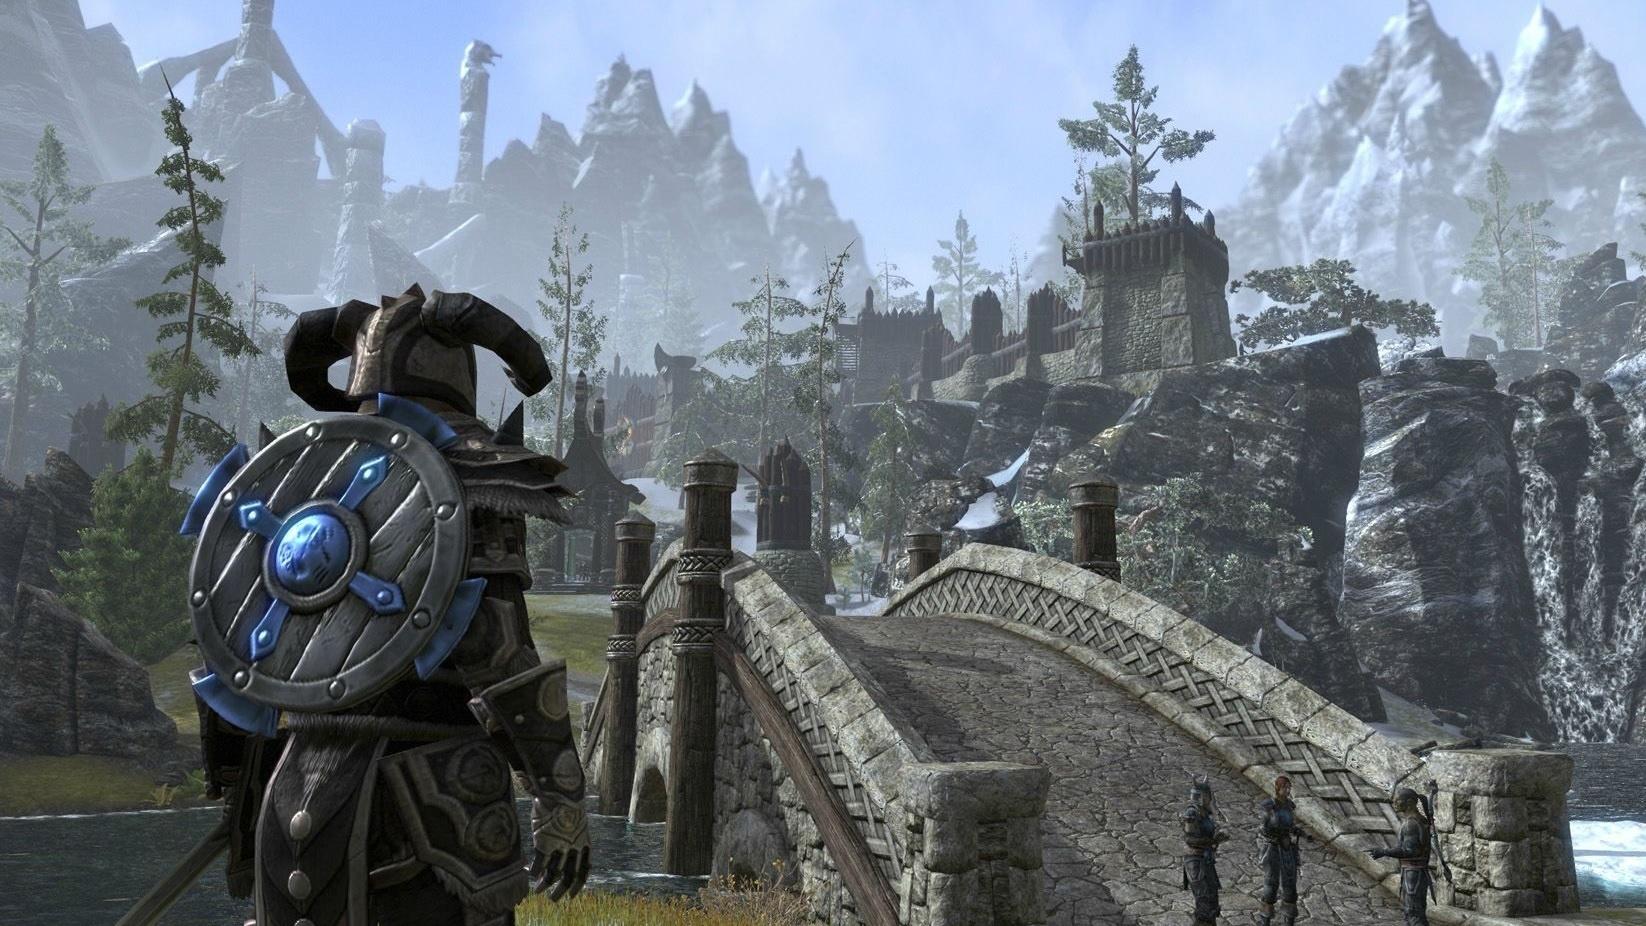 Oblivion In Elder Scrolls Online Was Kommt Nach Skyrim